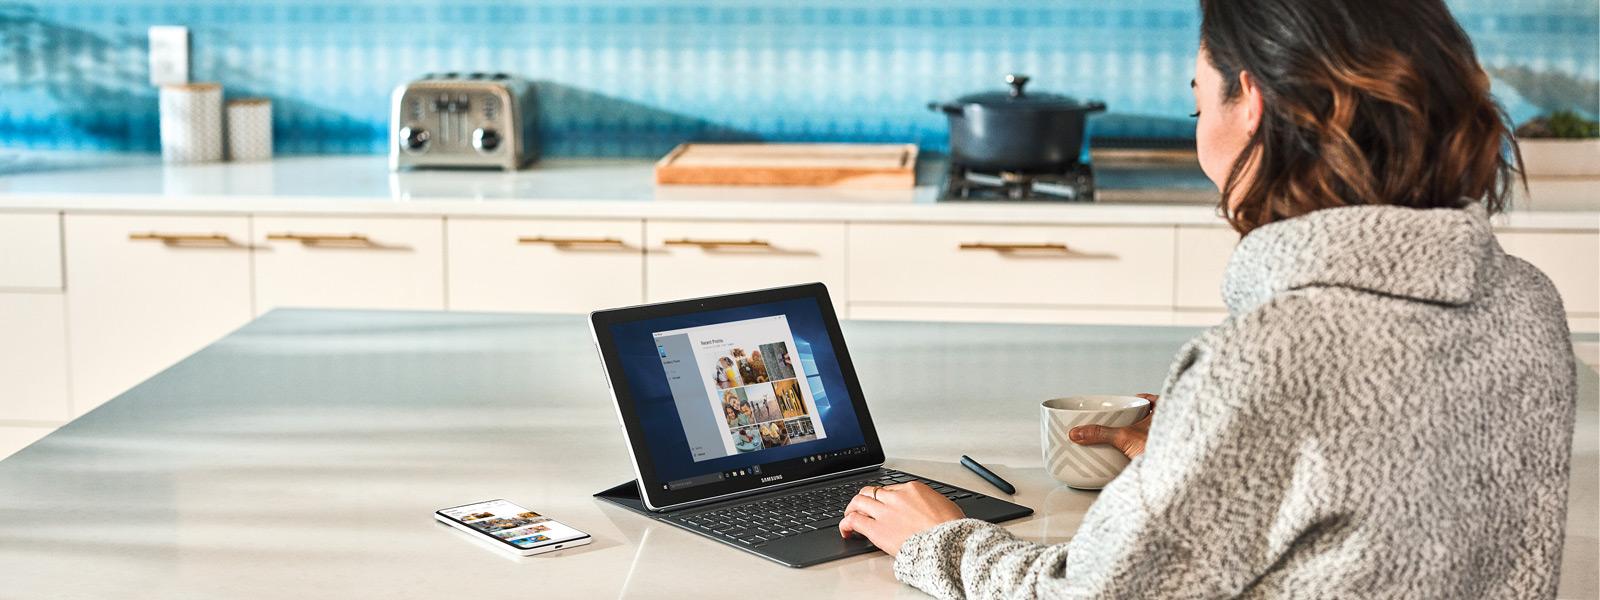 Konyhapultnál ülő, Windows 10-es laptopot és mobiltelefont használó nő